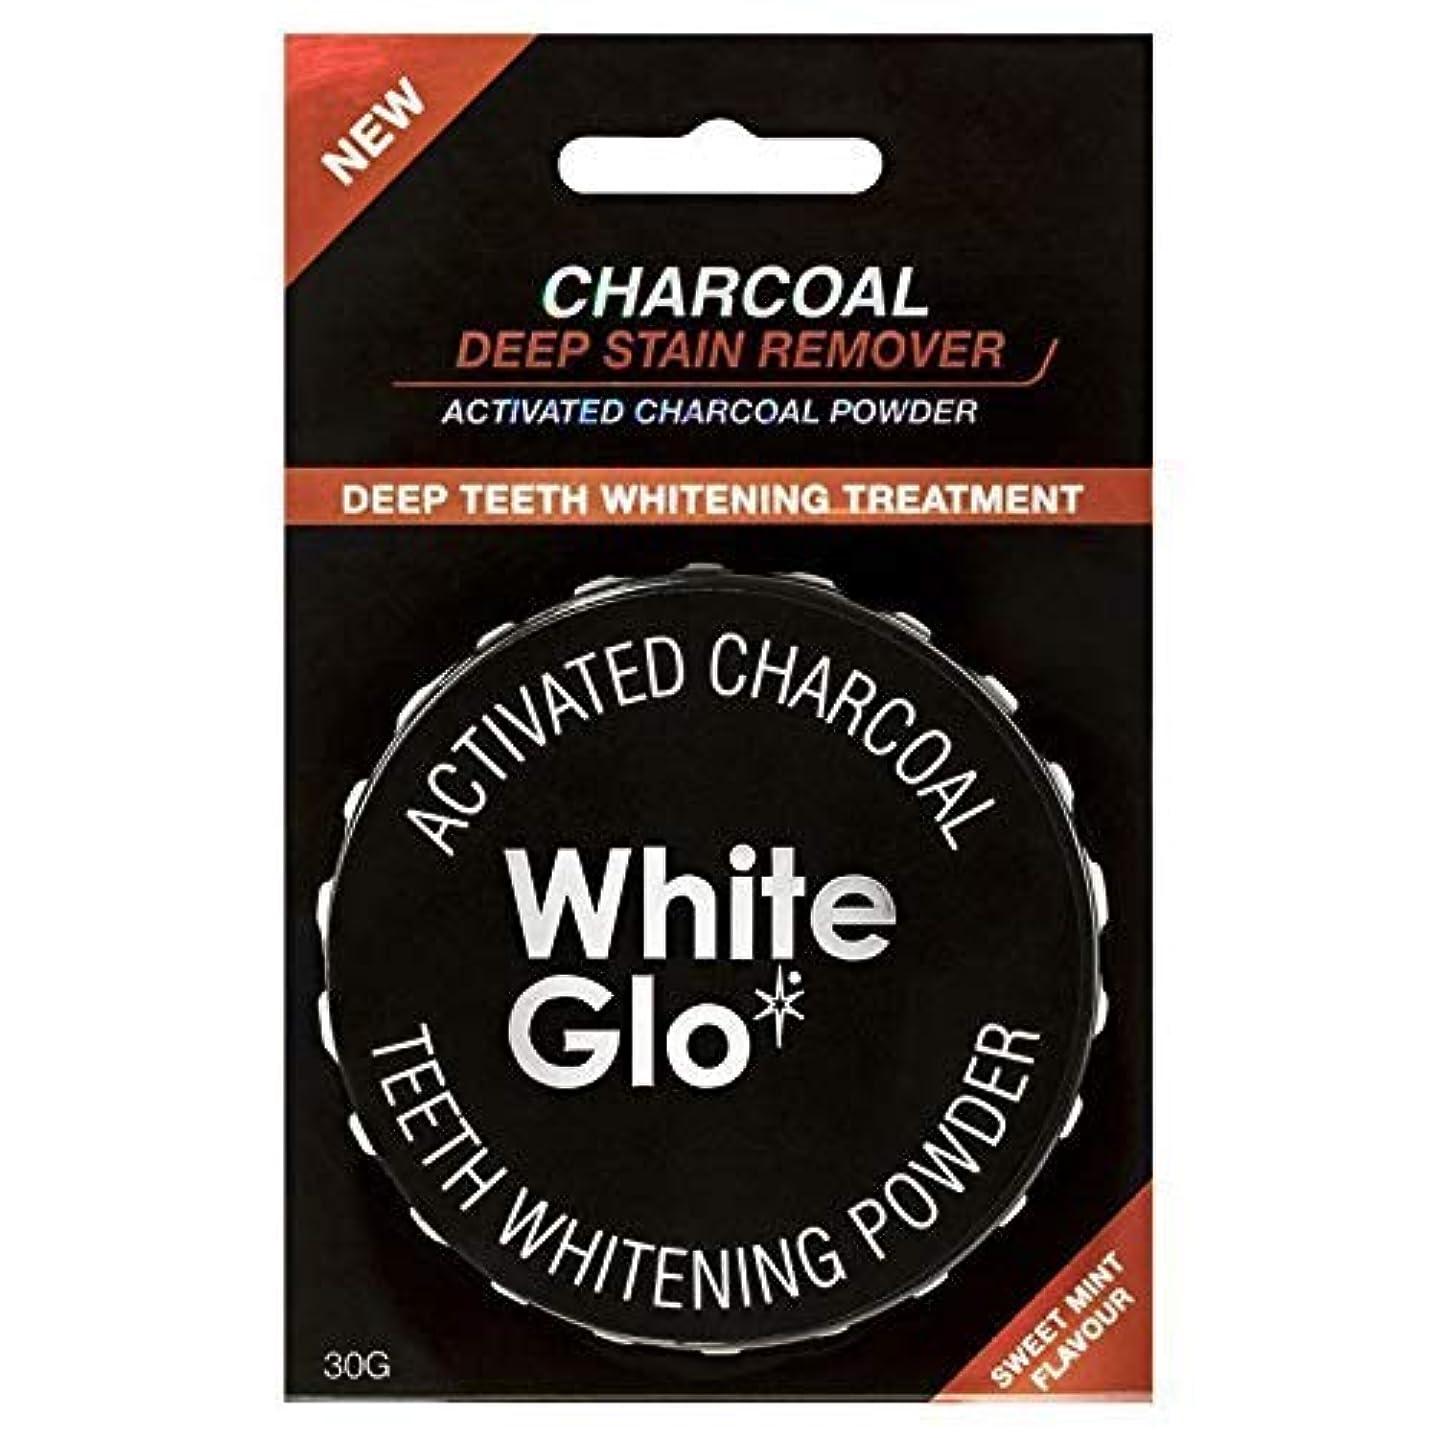 リーン土器成分Teeth Whitening Systems White Glo Activated Charcoal Teeth Whitening Powder 30g Australia / システムを白くする歯を白くする歯の粉...